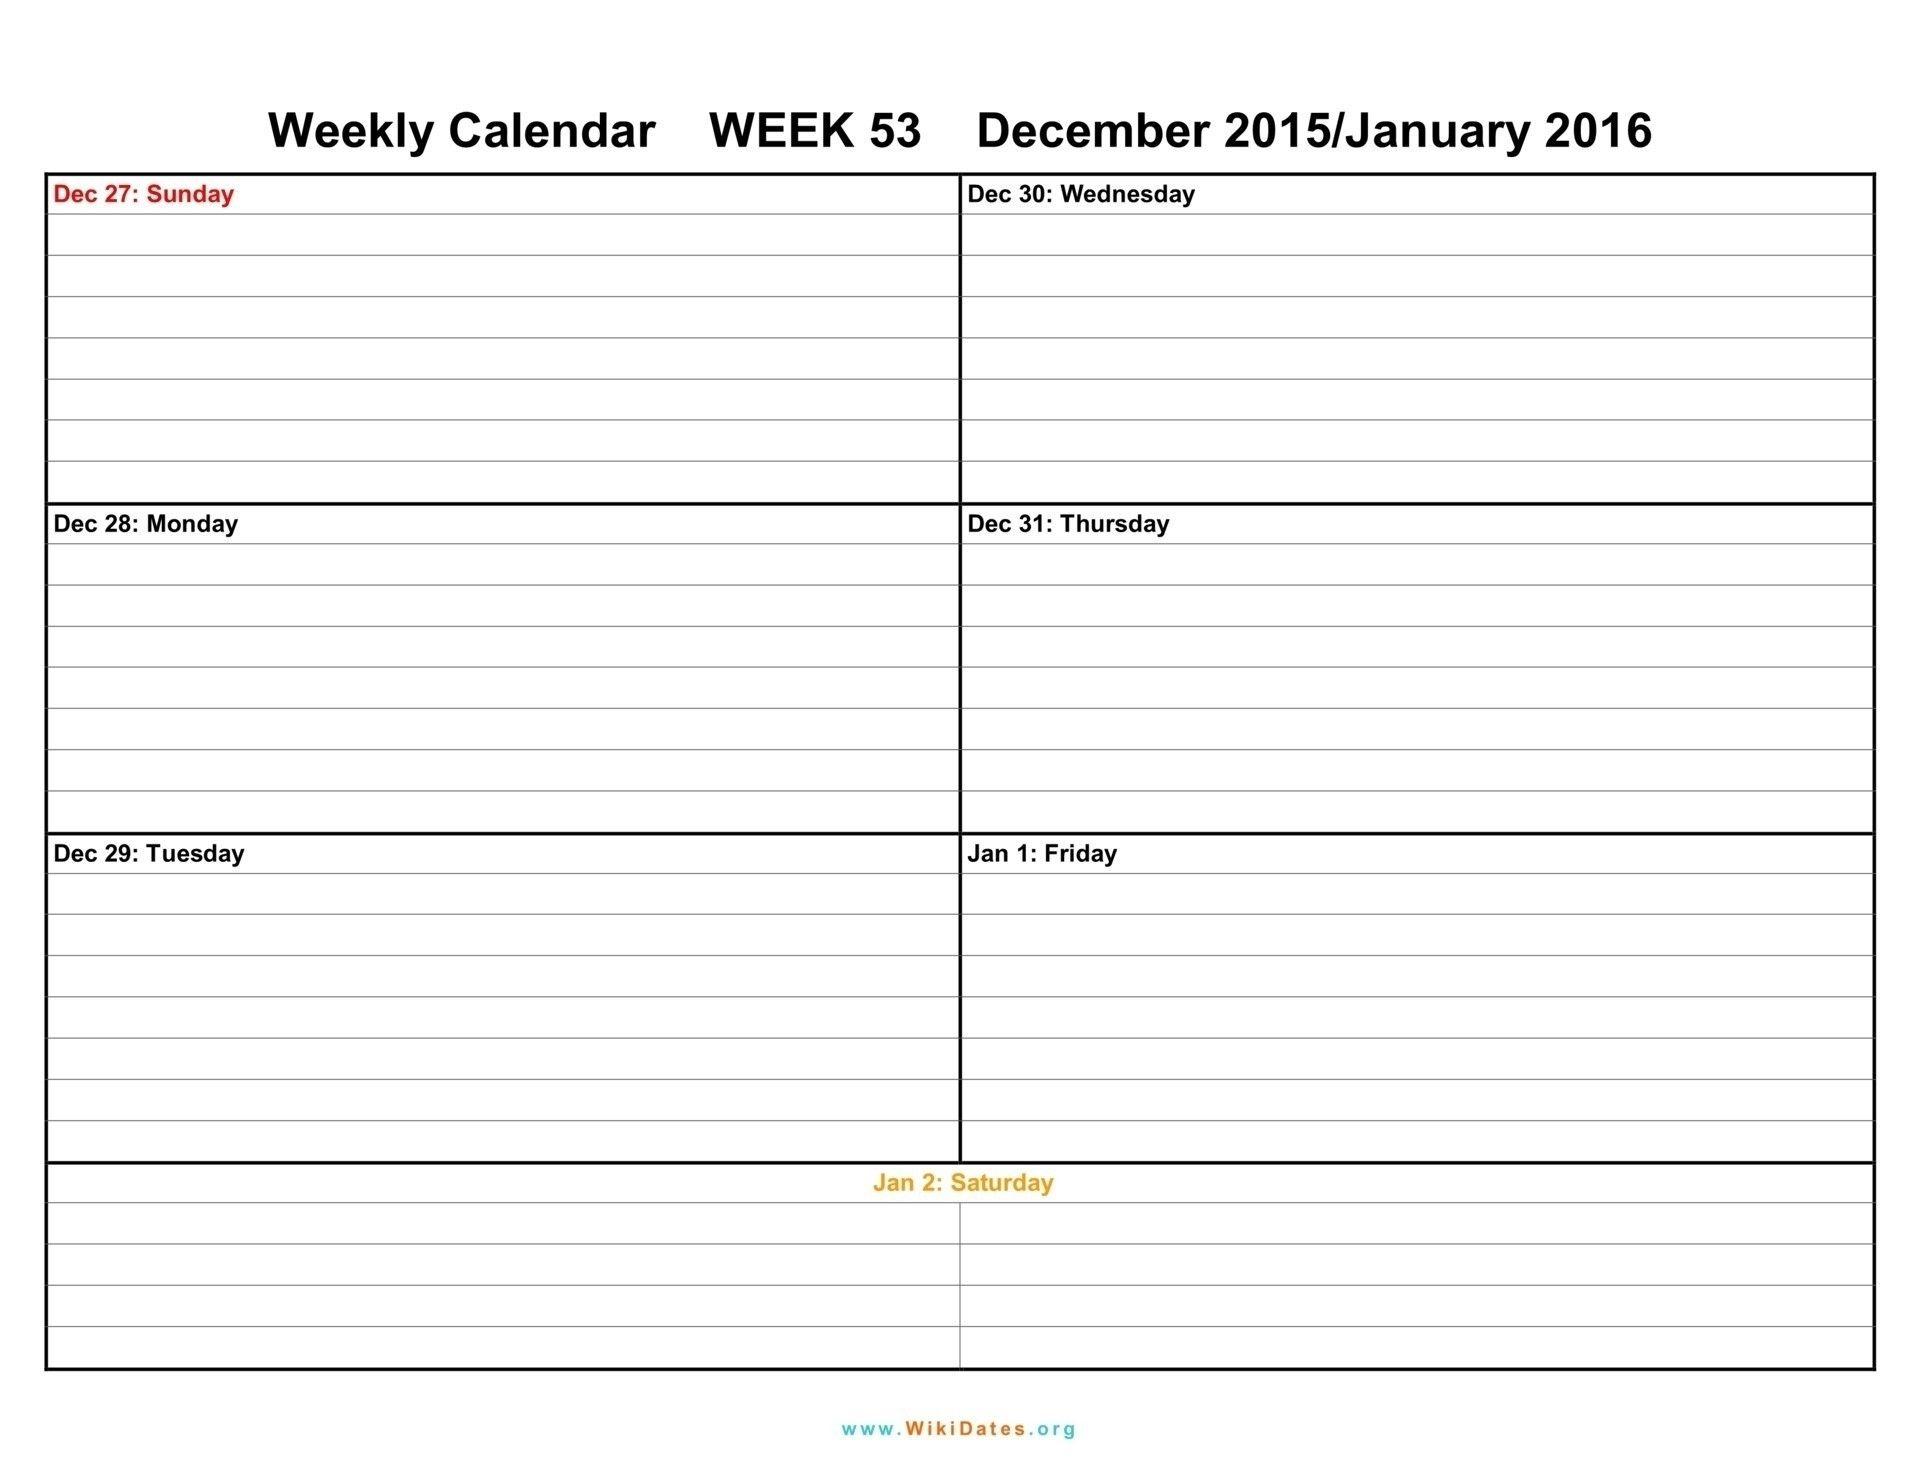 Two Weeks Calendar Template Week Blank Printable Weekly intended for Blank 2 Week Calendar